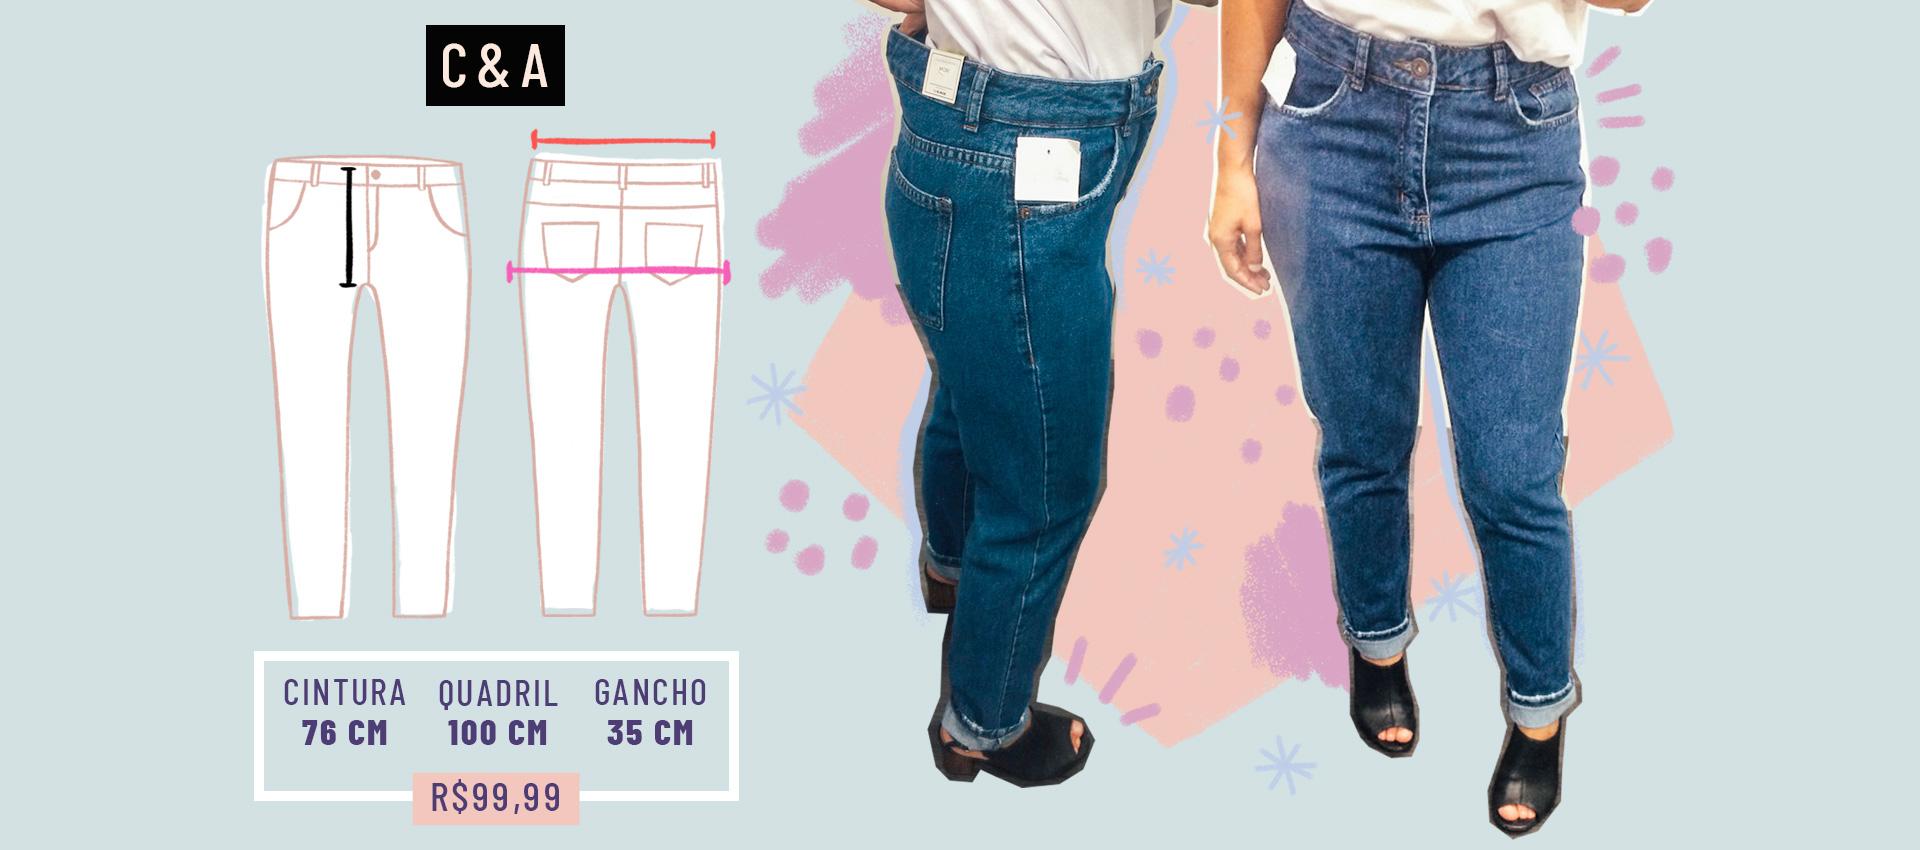 a7eadc1a7 Na C&A, tinham tantos modelos com elastano que a repórter teve de pedir  ajuda a um vendedor, que lhe trouxe uma calça sem elastano.